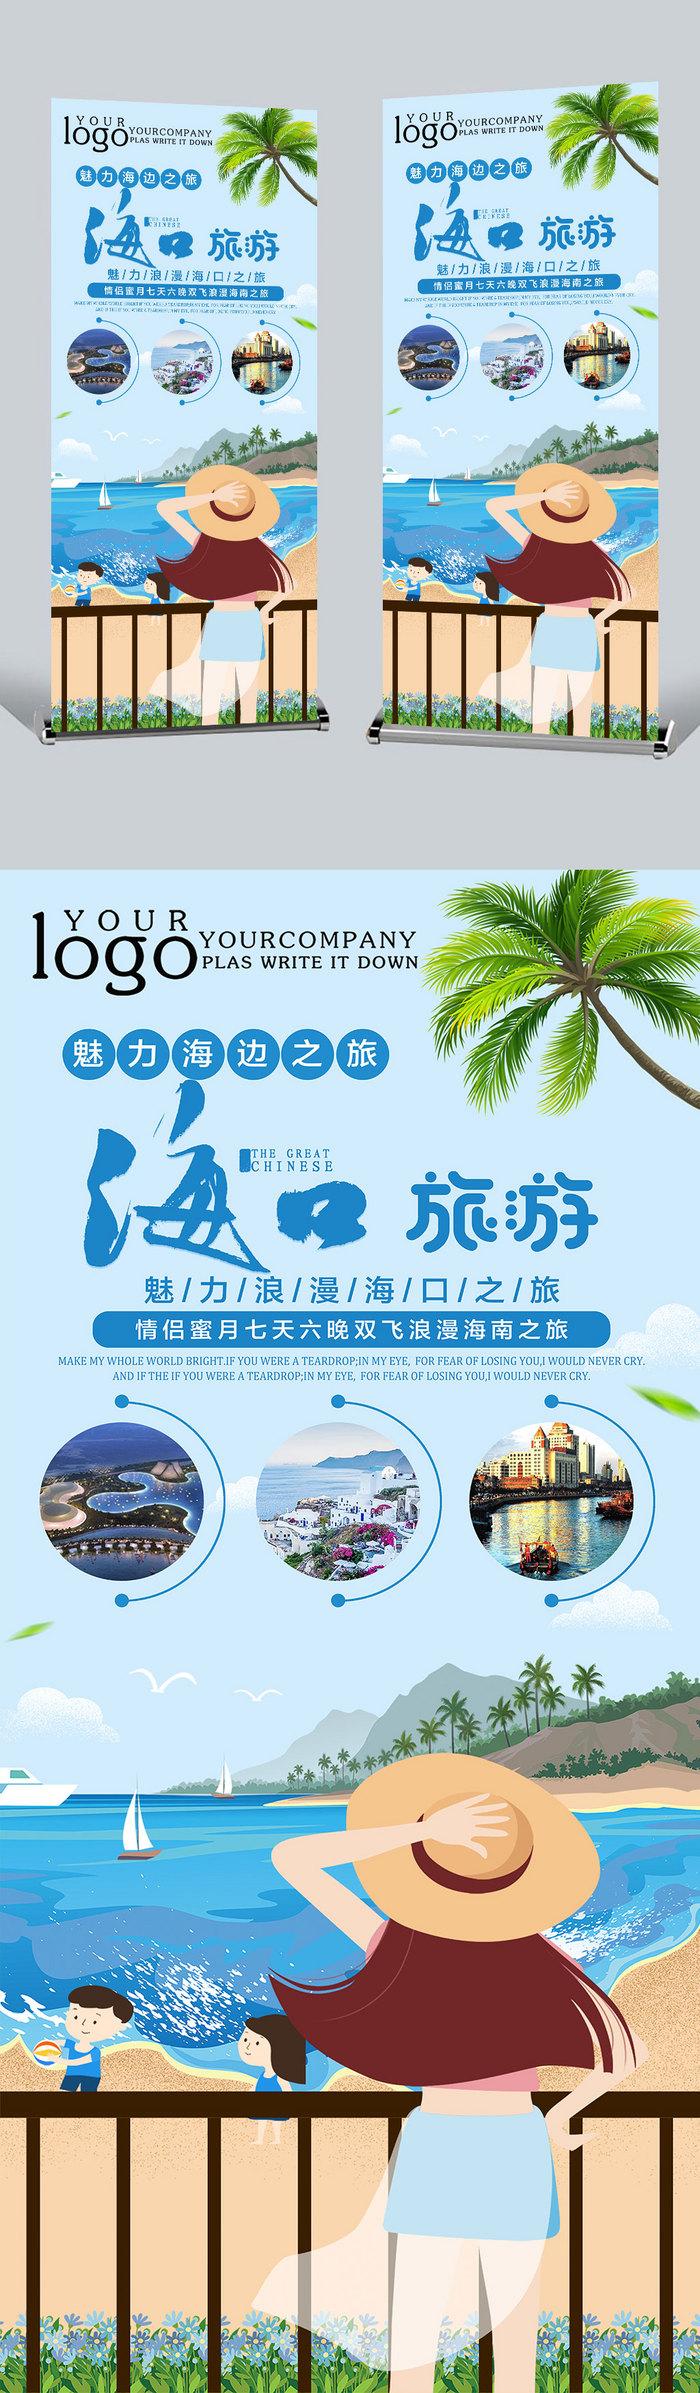 假期旅行蓝色系海岛风旅行社通用易拉宝